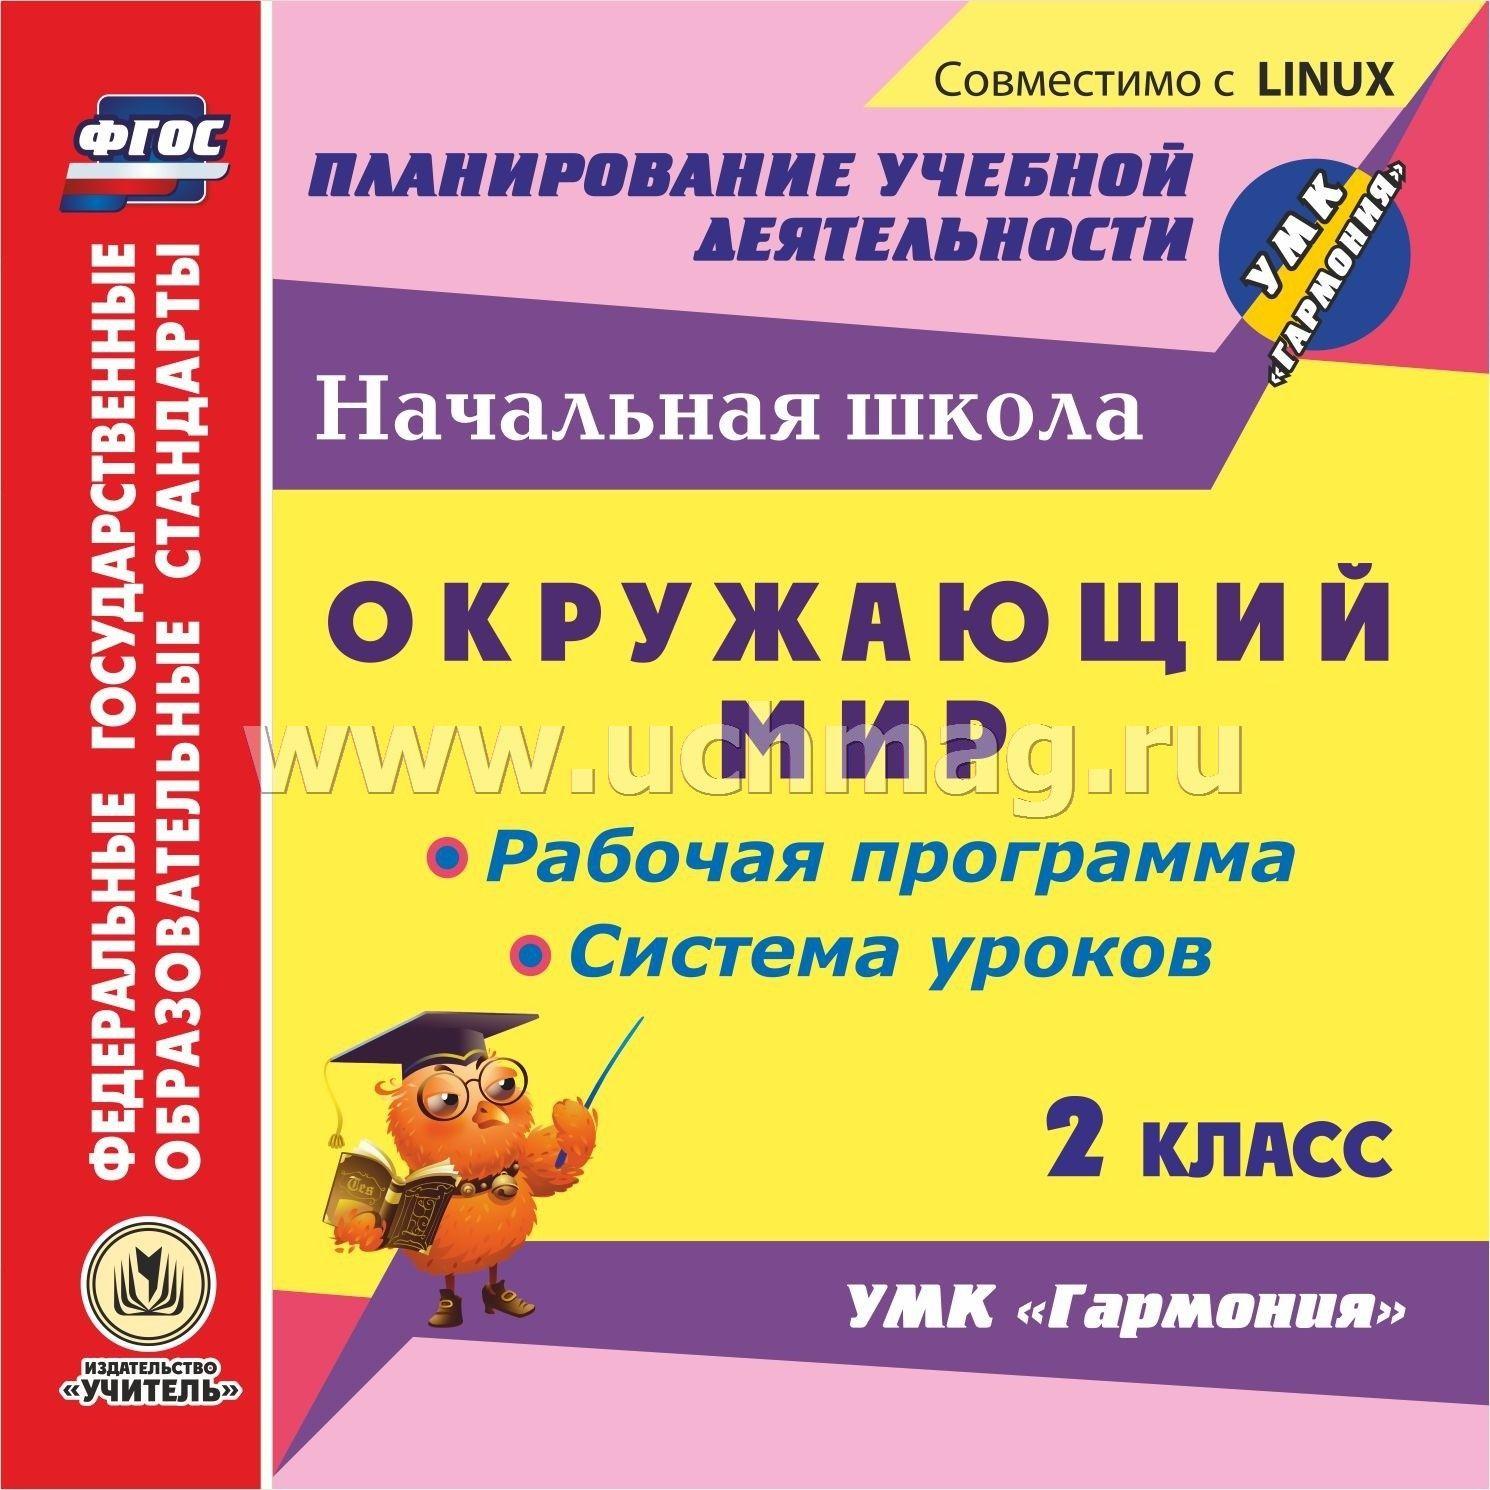 Www в школу.ru конспекты уроков 4 класс умк гармония